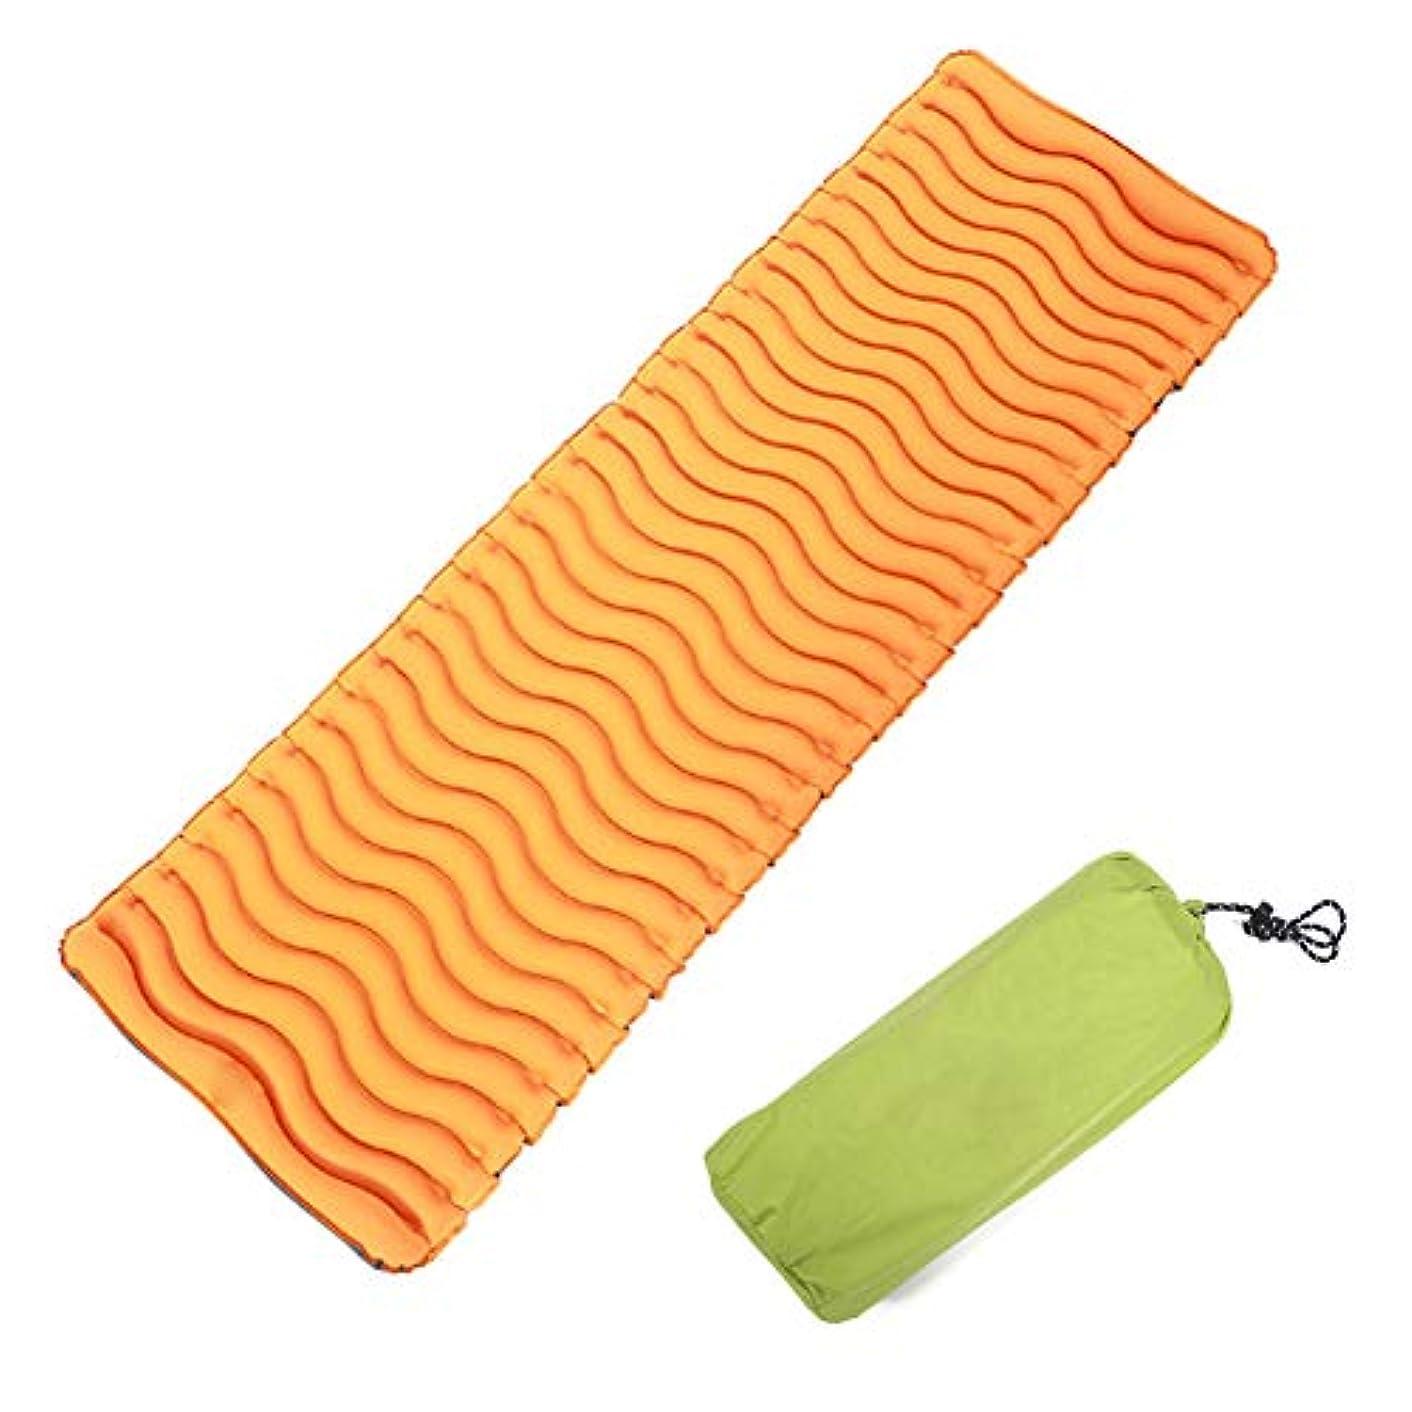 時折構築する足音超軽量インフレータブルキャンプマット、ポータブル防湿マットレス、スリーピングパッドを厚く、屋外テントに適していますバックパッキングトレッキング